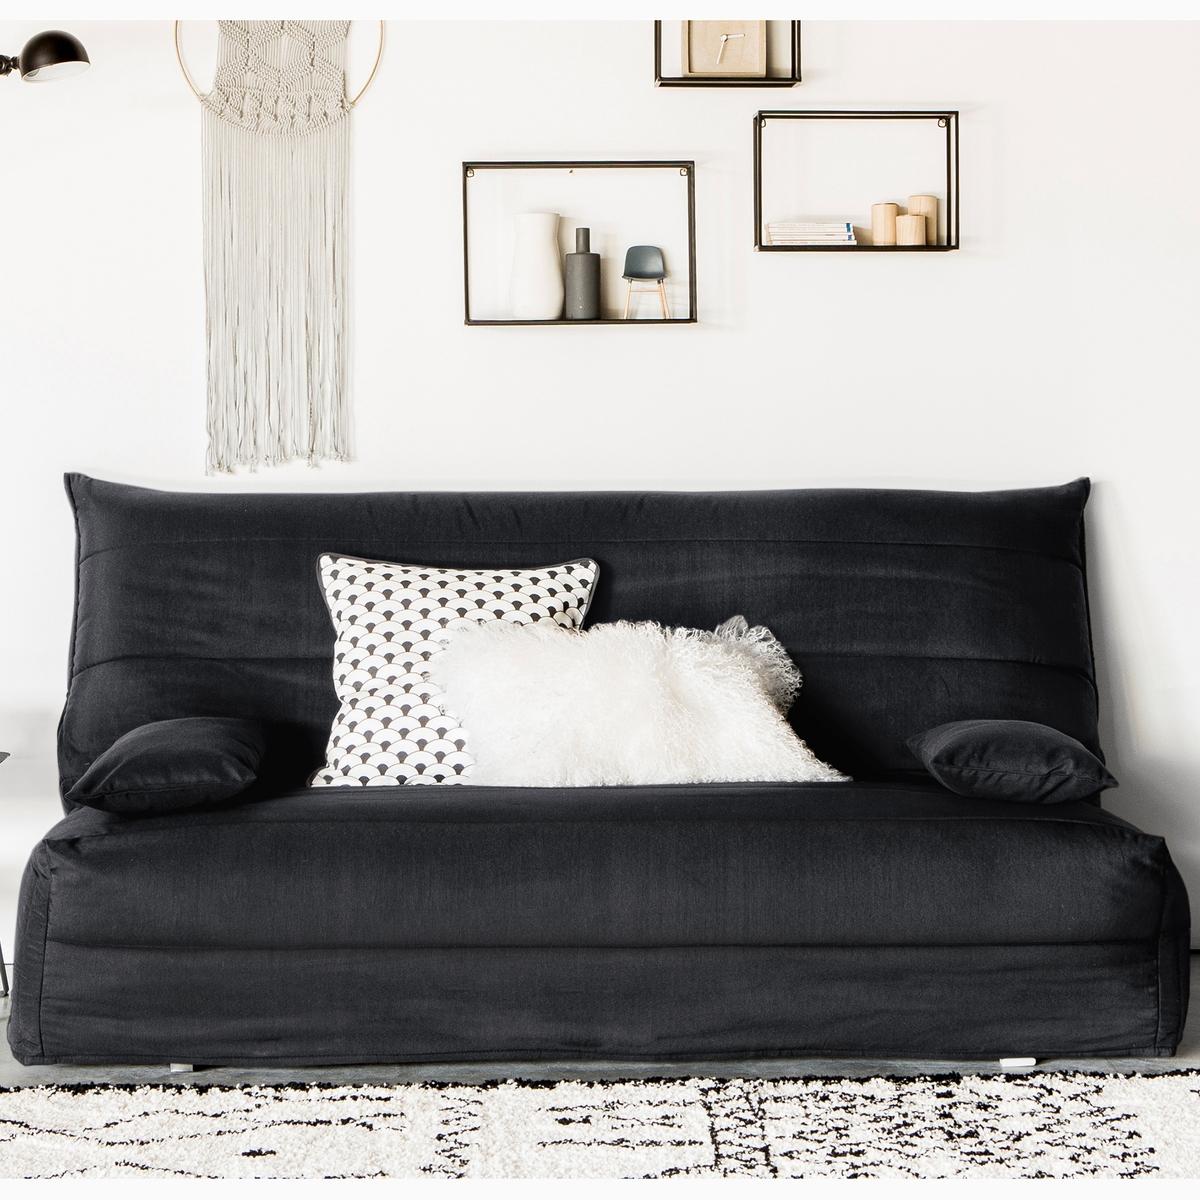 Чехол из полихлопка для диванаЧехол из полихлопка для дивана   . Чехол качества VALEUR SURE из ткани 70% хлопка, 30% полиэстера  . Наполнитель 100% полиэстера, 150 г/м? .Характеристики чехла для дивана  :- Хорошо облегает, покрывает целиком диван (частично спинку дивана)   Эластичные края. - Прострочка в виде линии  .- Стирка при 40°С.Размеры чехла для дивана  :- ширина 140 см, или 160 см  .<br><br>Цвет: черный